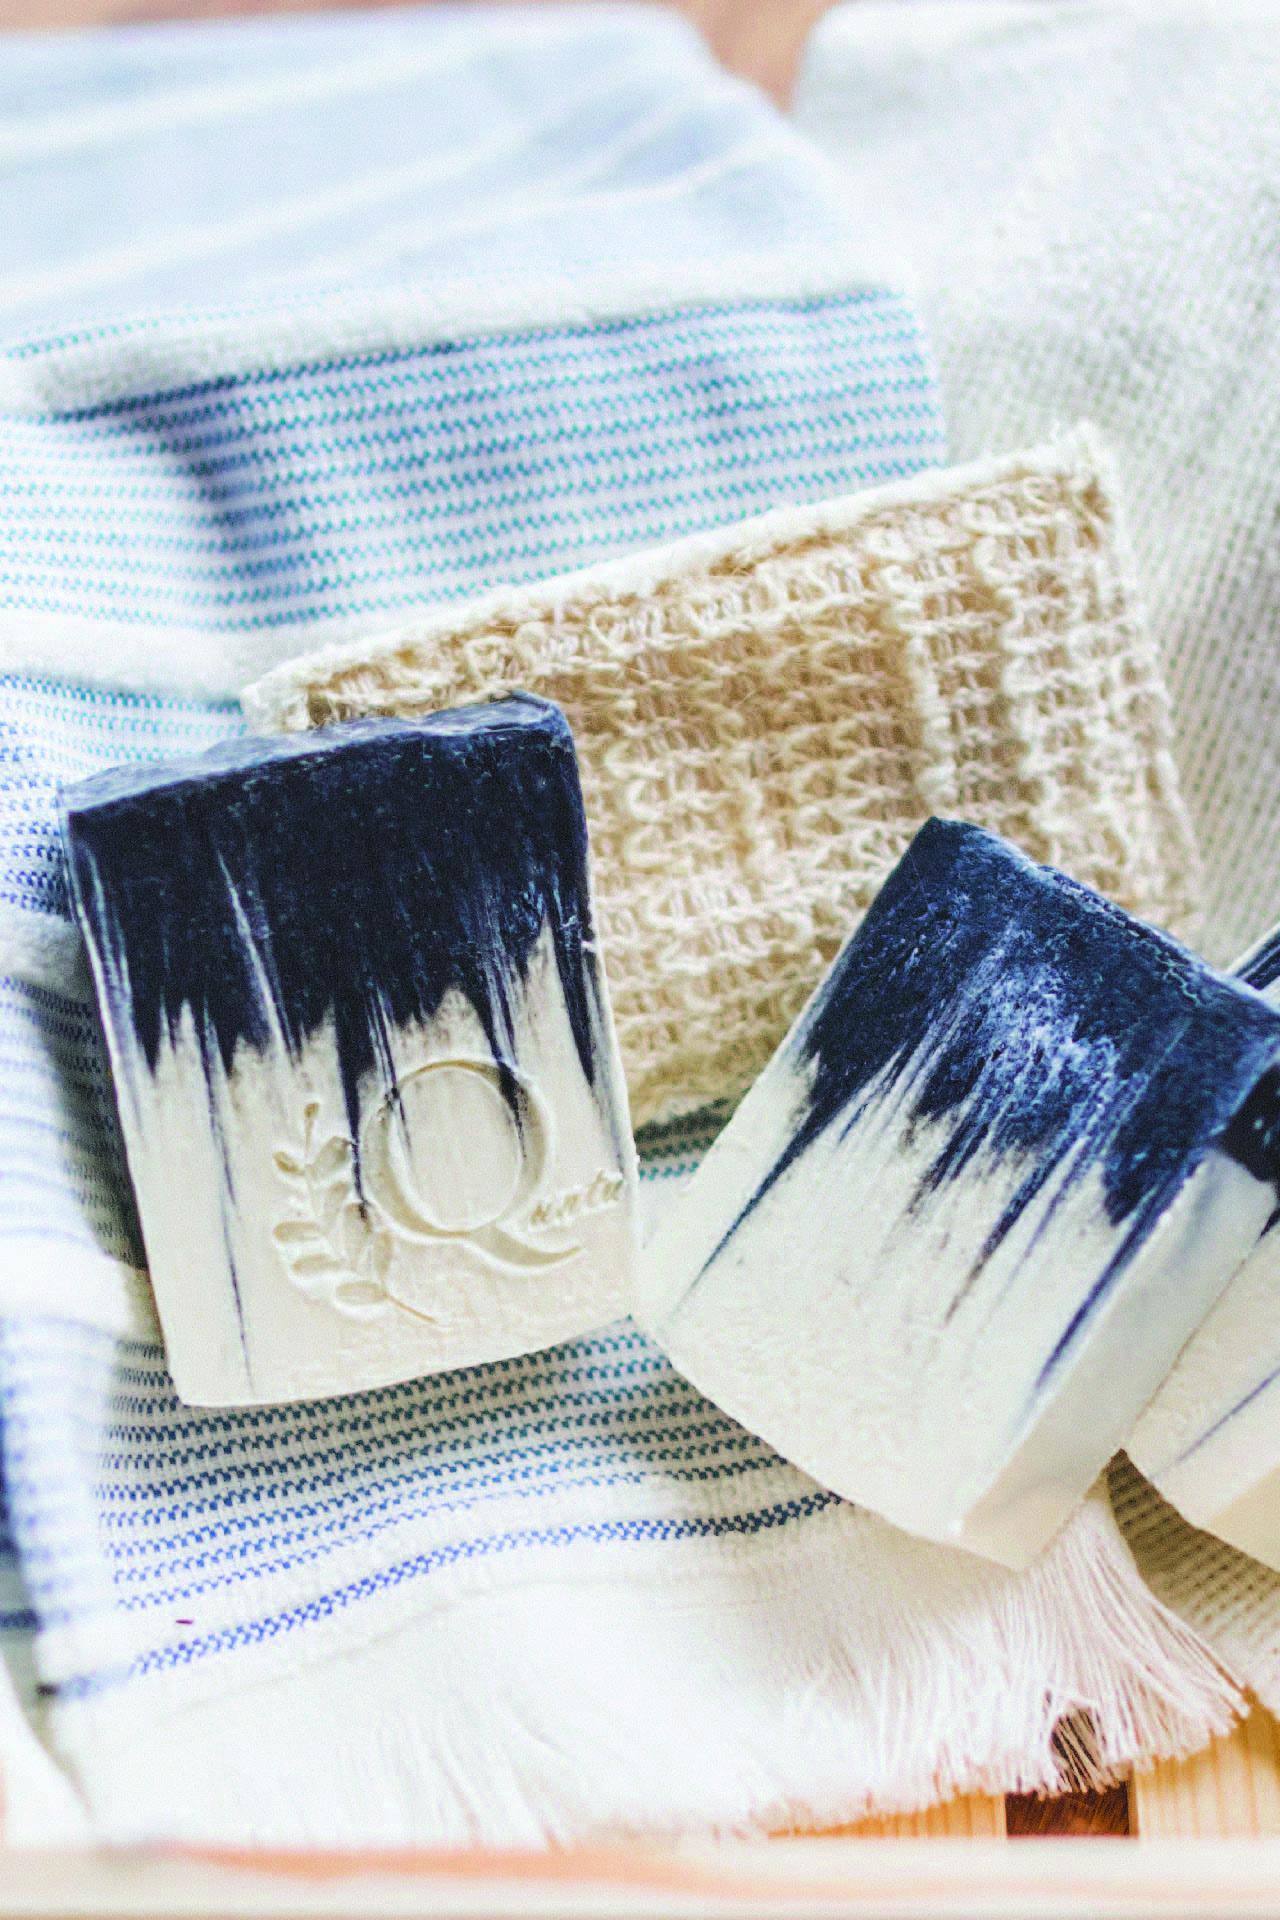 Jabón 100% natural de carbón activado y aceite de árbol de té. Ideal para pieles grasas, con tendencia a acné.  El carbón activado es un microexfoliante que ayuda a eliminar toxinas e impurezas de la piel.